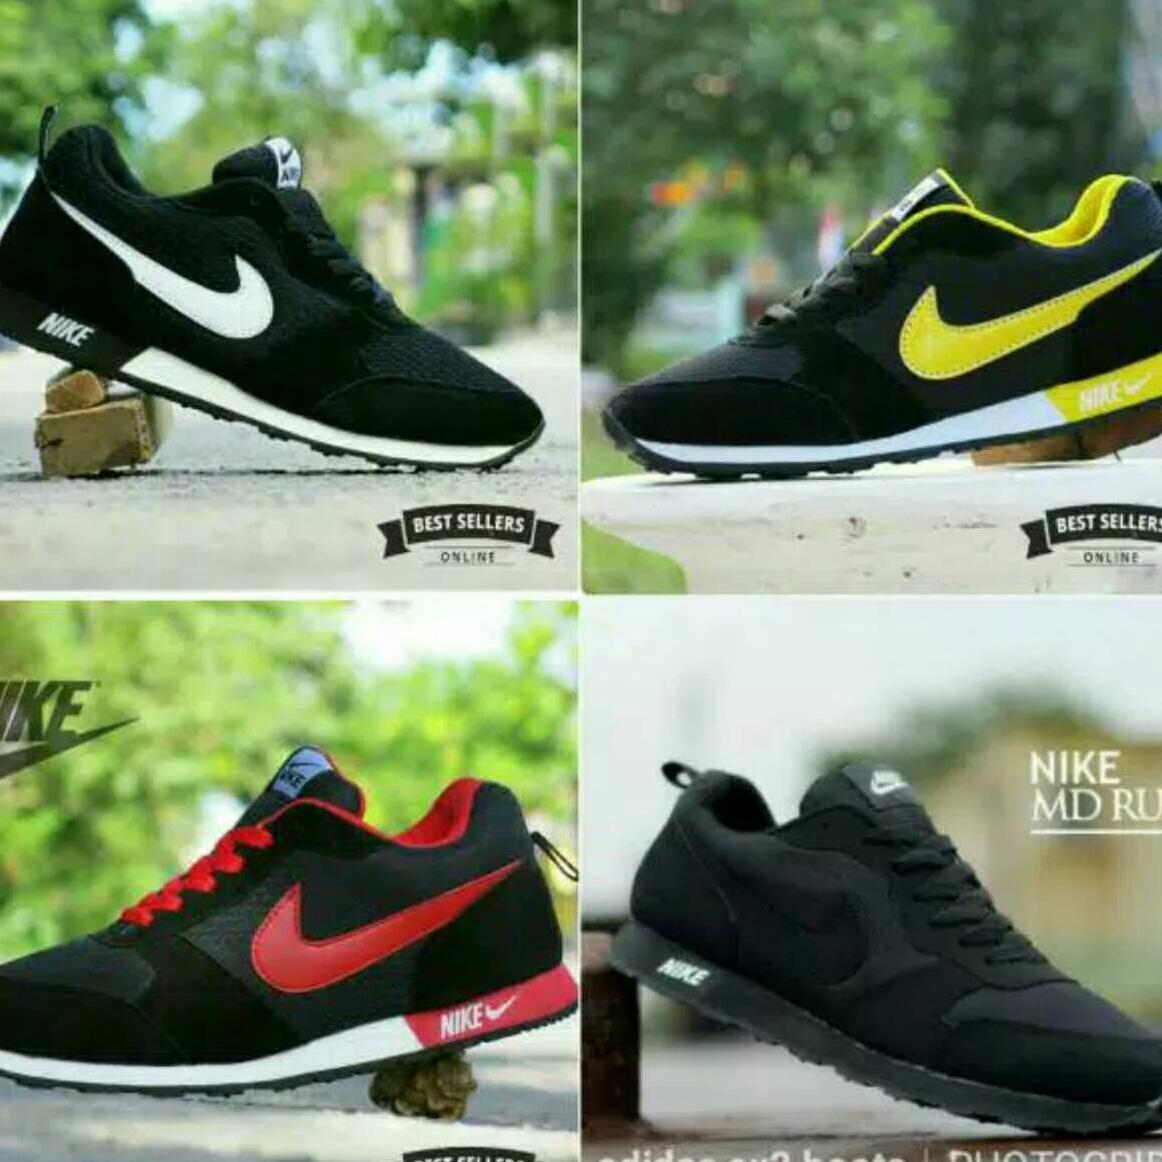 Sepatu Nike pria wanita air max  Sekolah, Jogging, Santai.